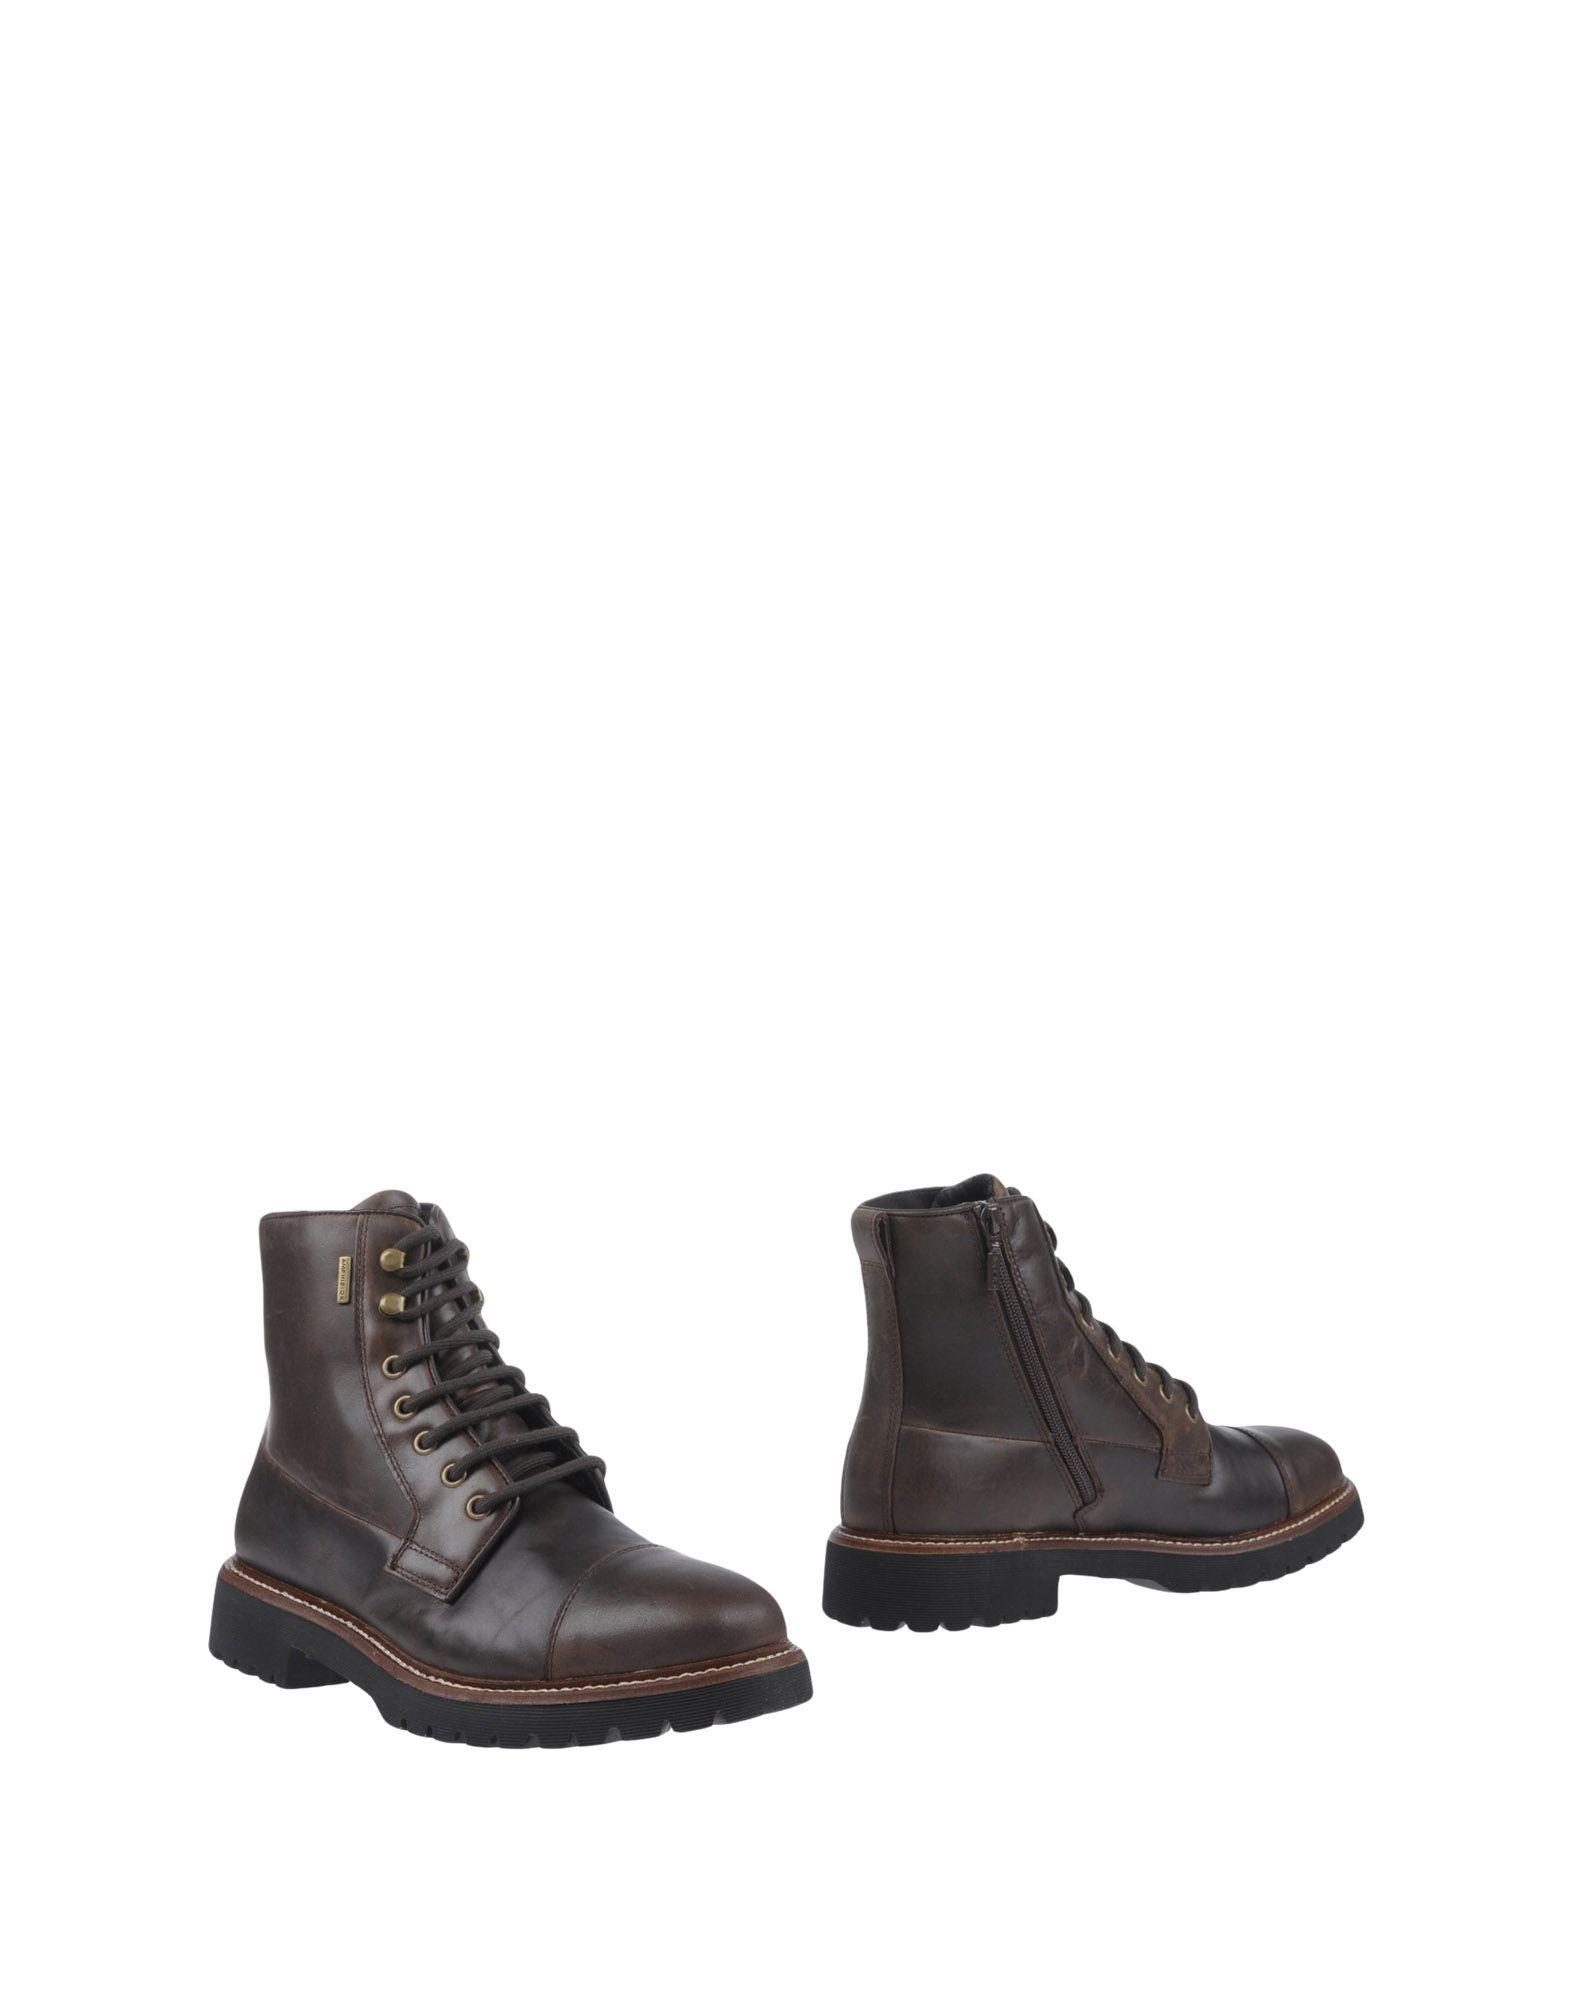 Stivali Mangano Donna - 11456870MD Scarpe economiche e buone